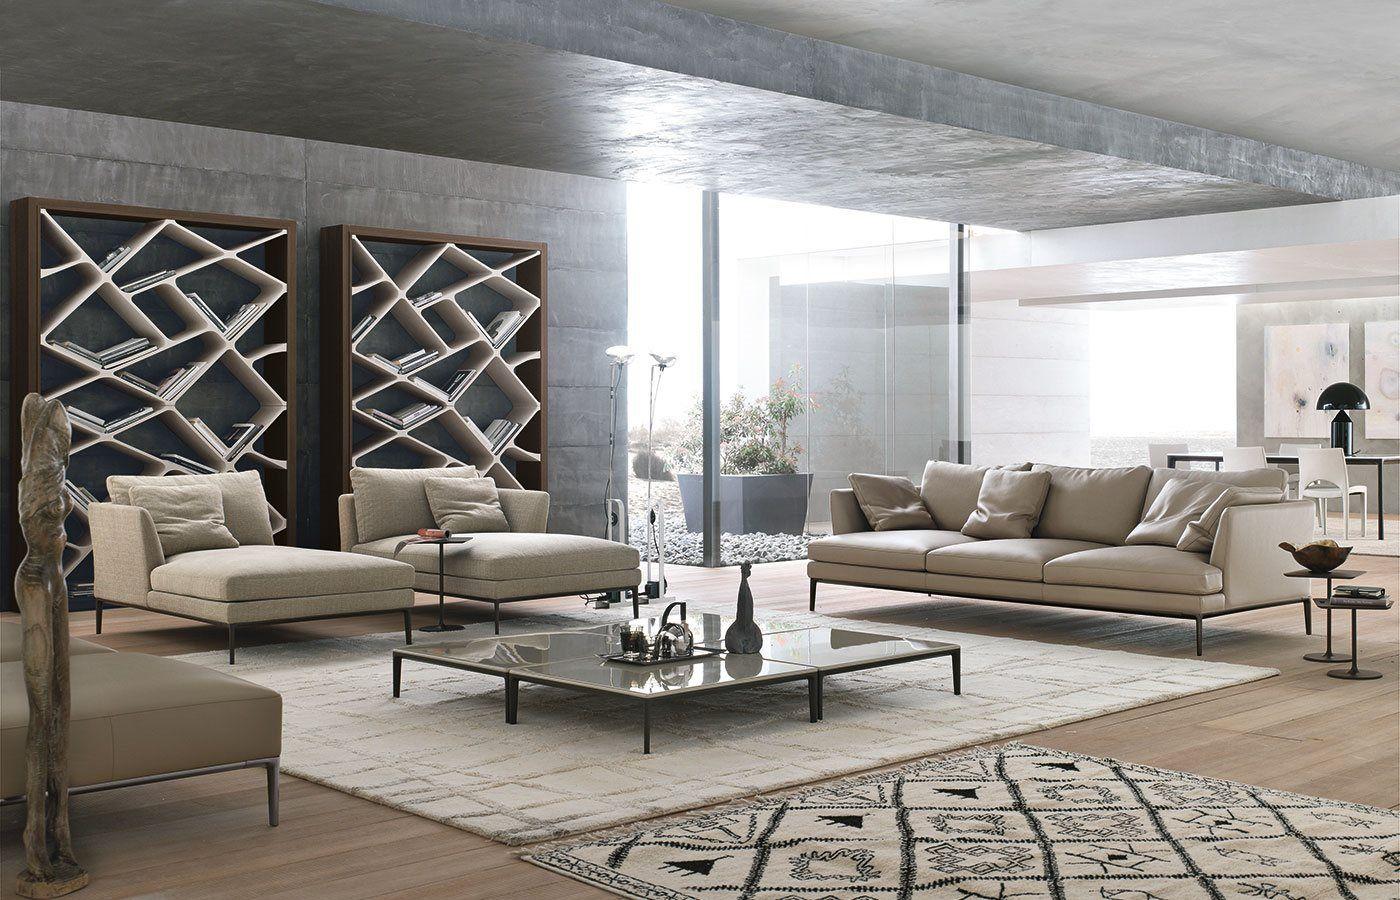 Mobili Alivar ~ Alivar furniture sofas contemporary interiors